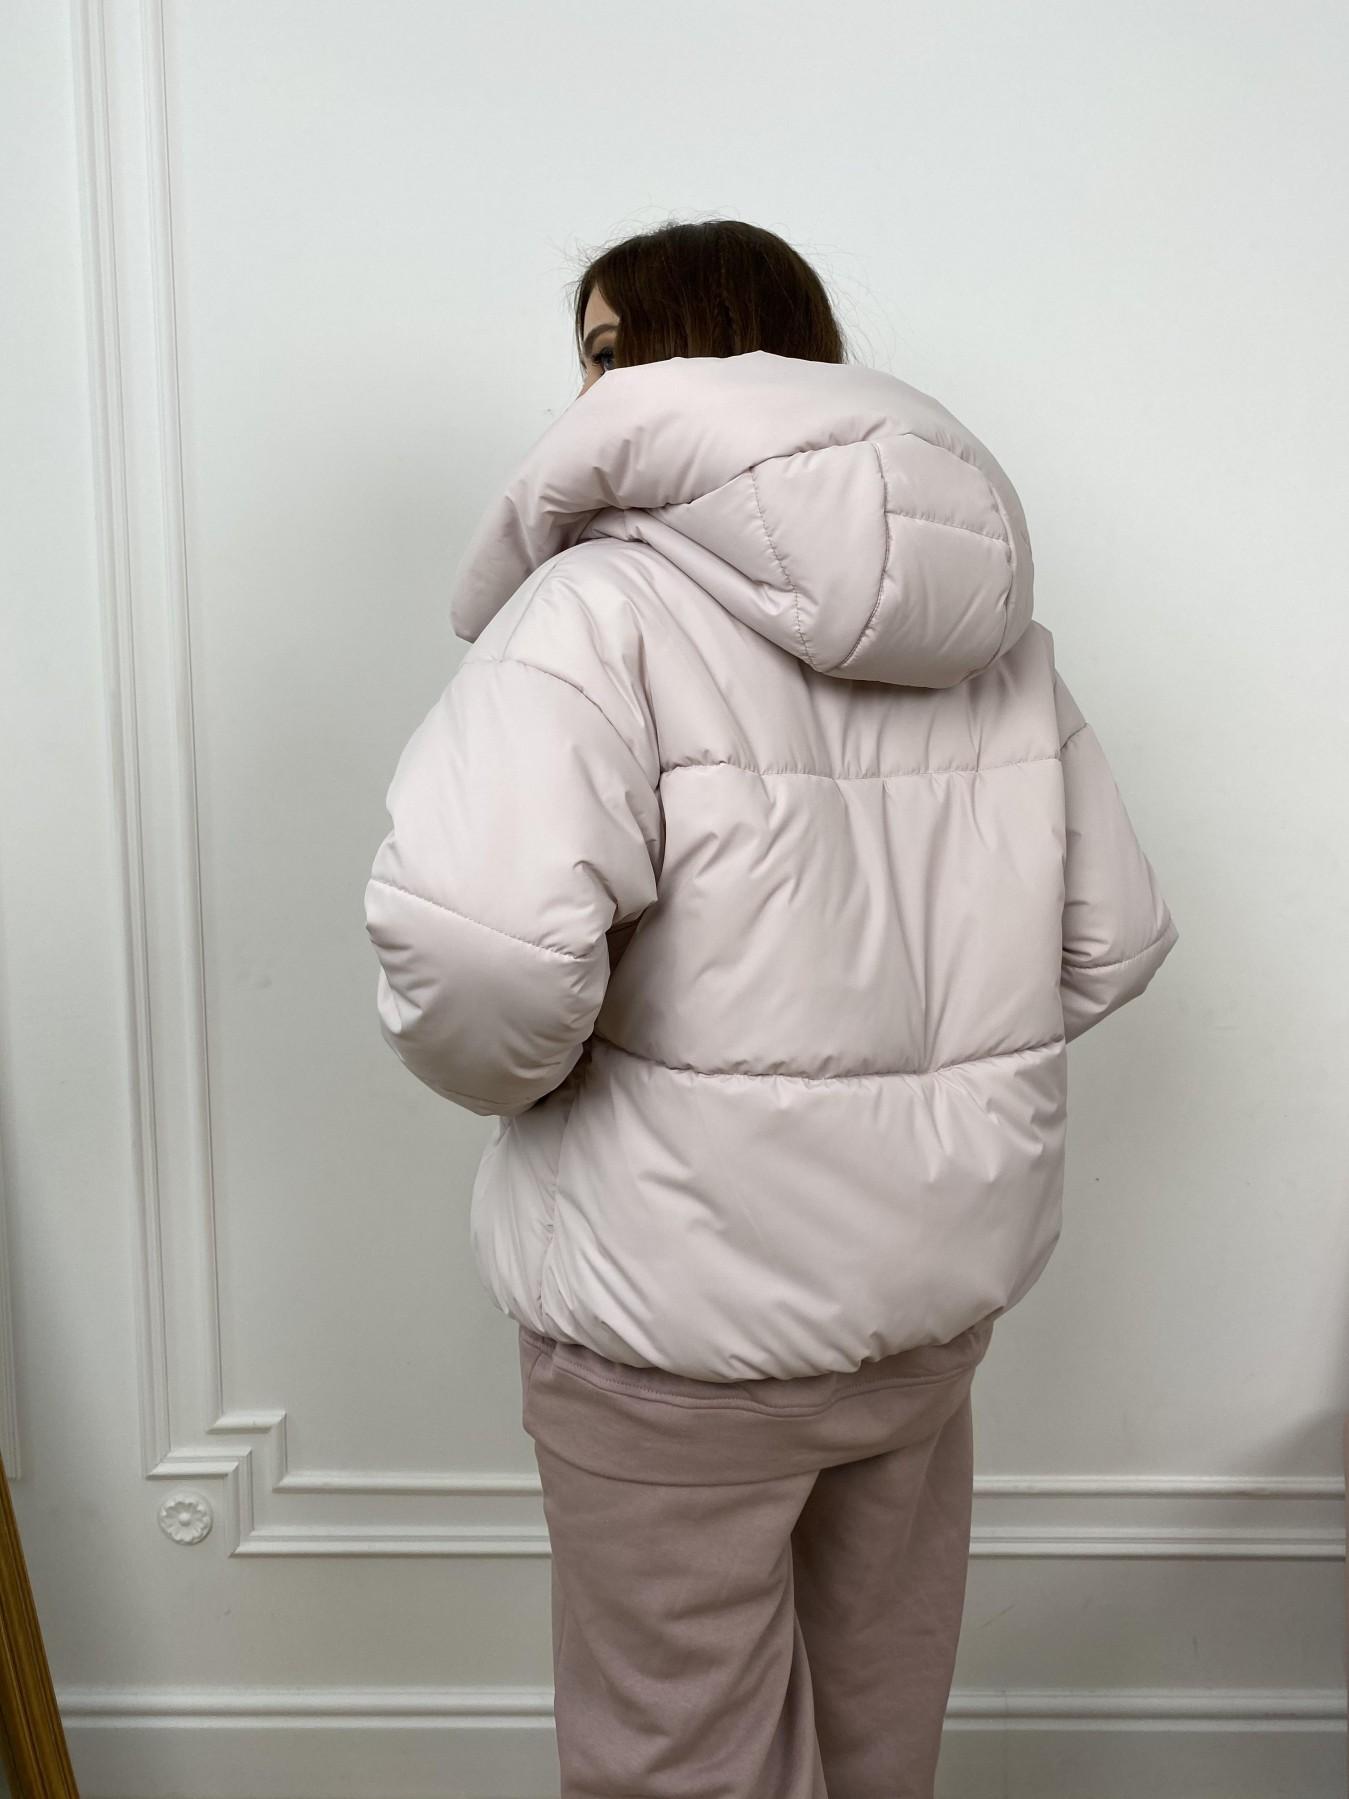 Нокс куртка из плащевой ткани 10535 АРТ. 46973 Цвет: Молоко 970 - фото 7, интернет магазин tm-modus.ru